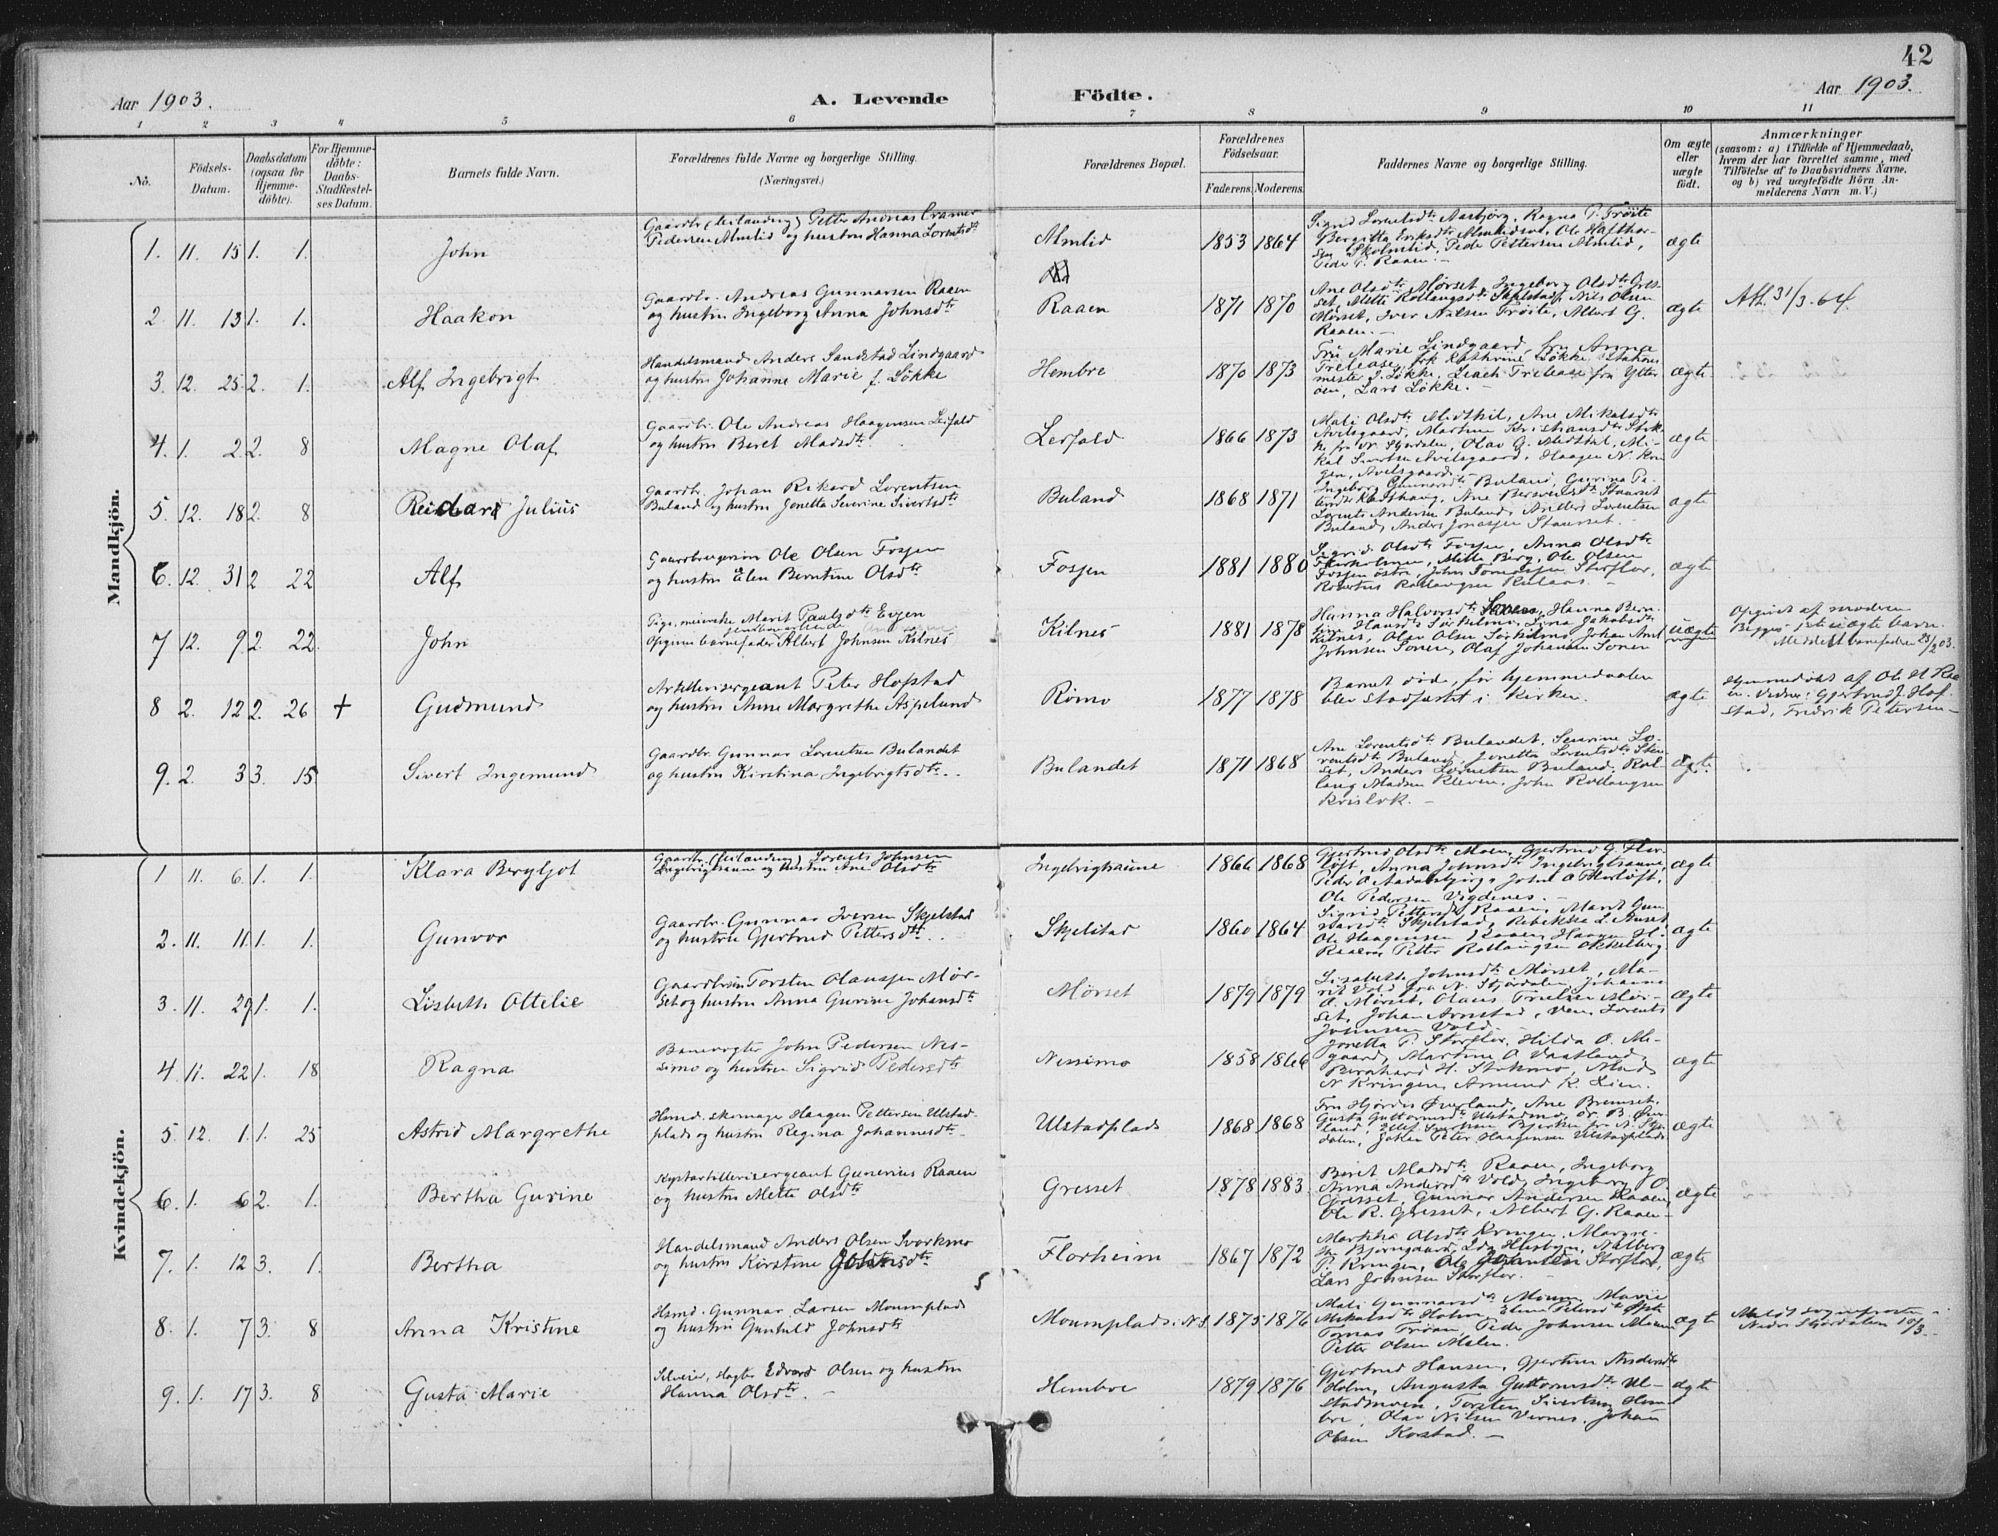 SAT, Ministerialprotokoller, klokkerbøker og fødselsregistre - Nord-Trøndelag, 703/L0031: Ministerialbok nr. 703A04, 1893-1914, s. 42